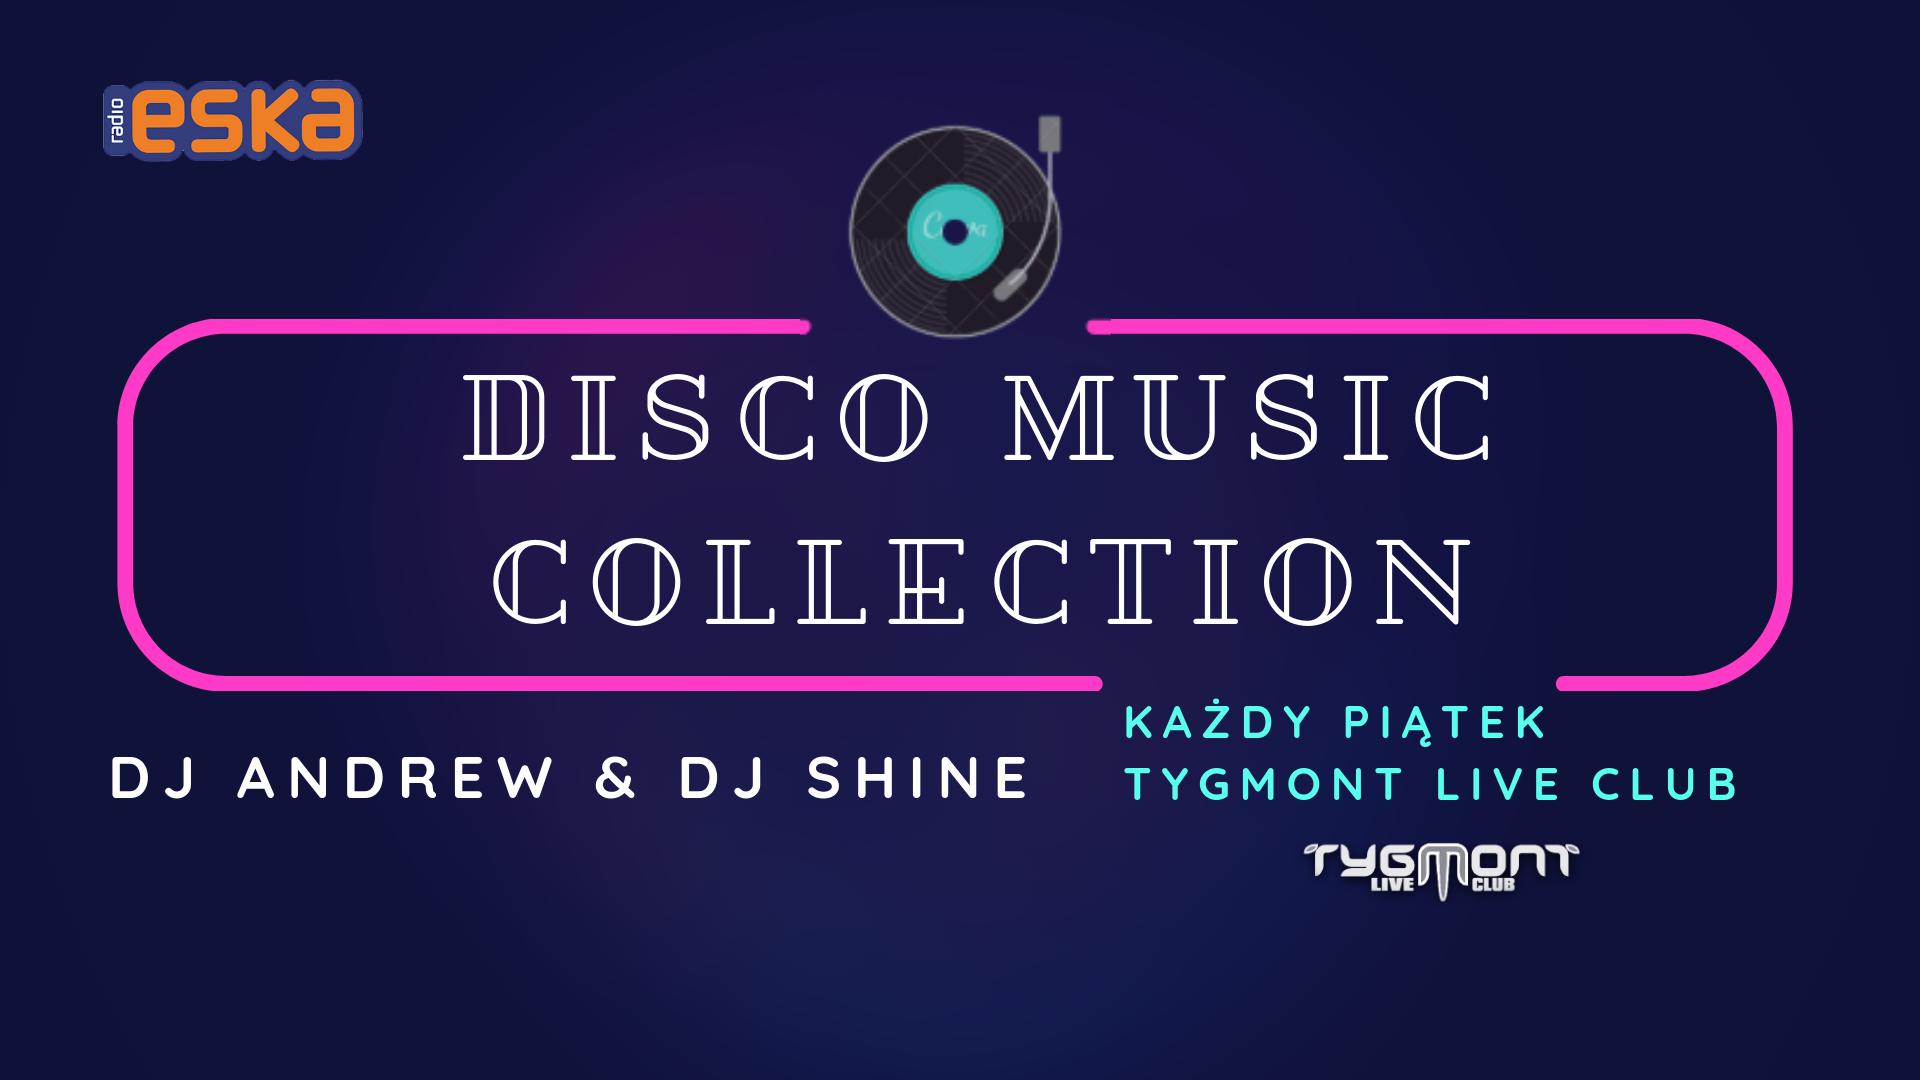 DISCO MUSIC COLLECION (1)